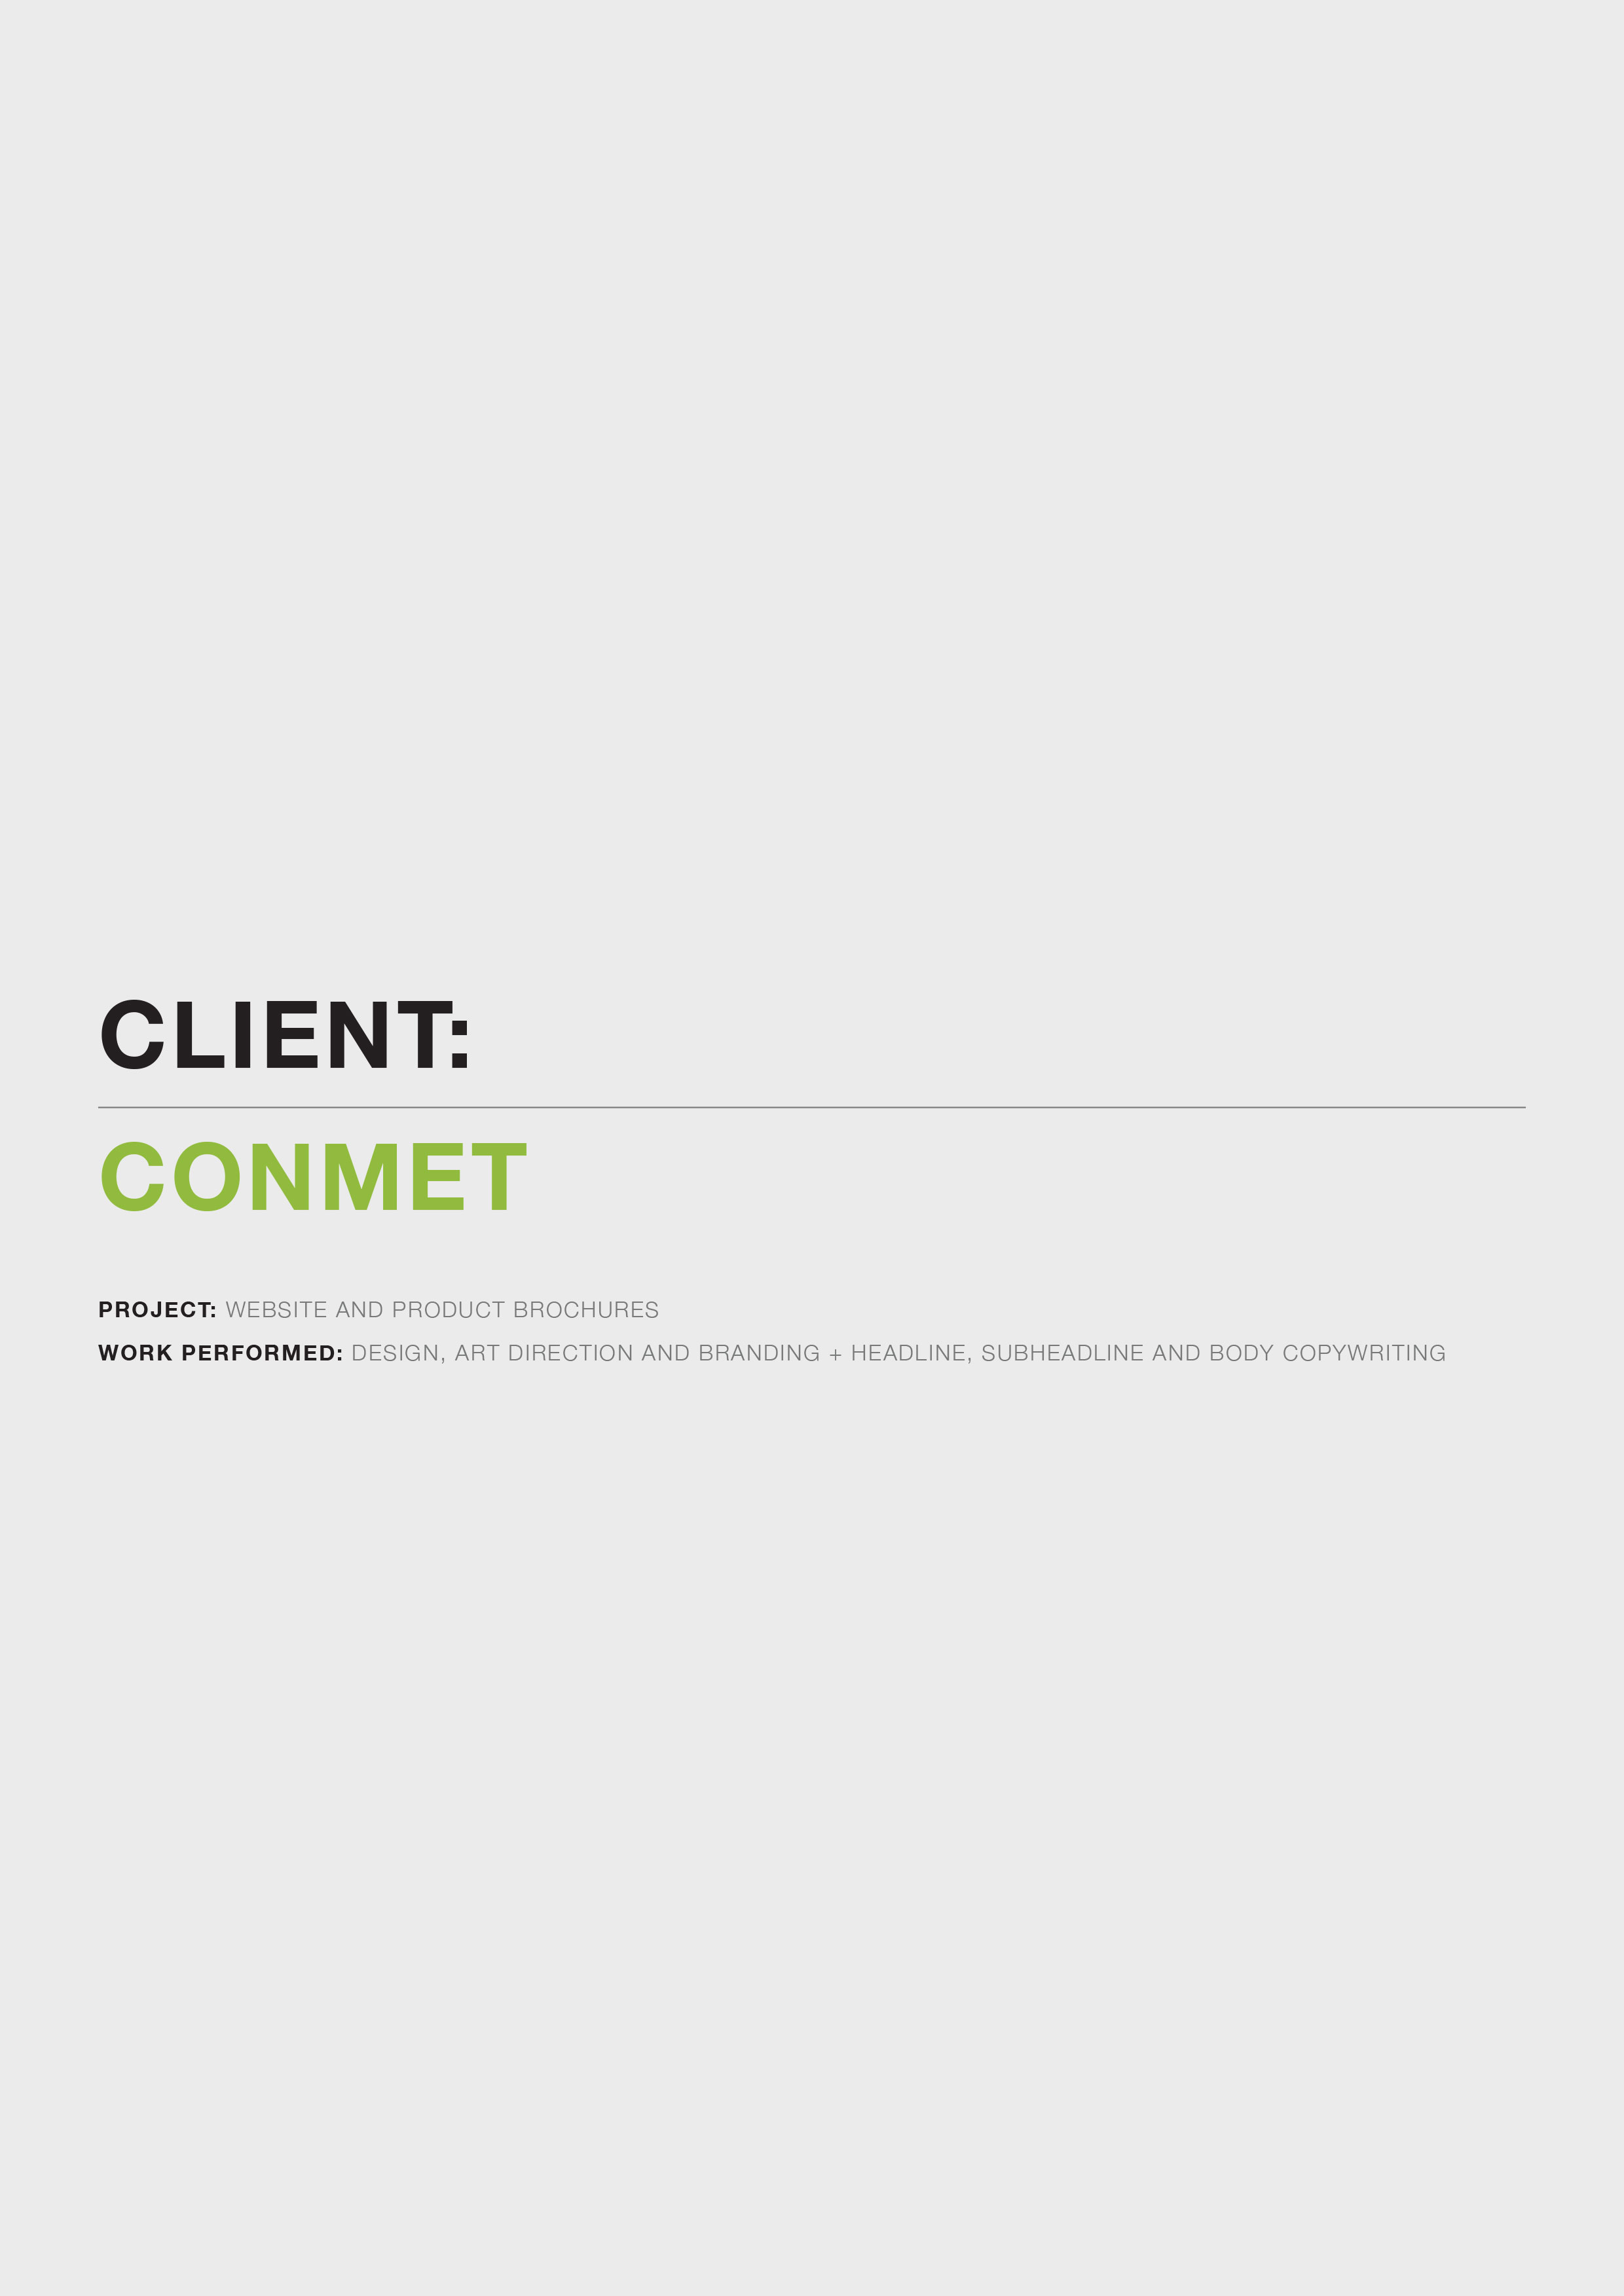 Zach-Netzer-Design---Copywriting-Portfolio-8.jpg